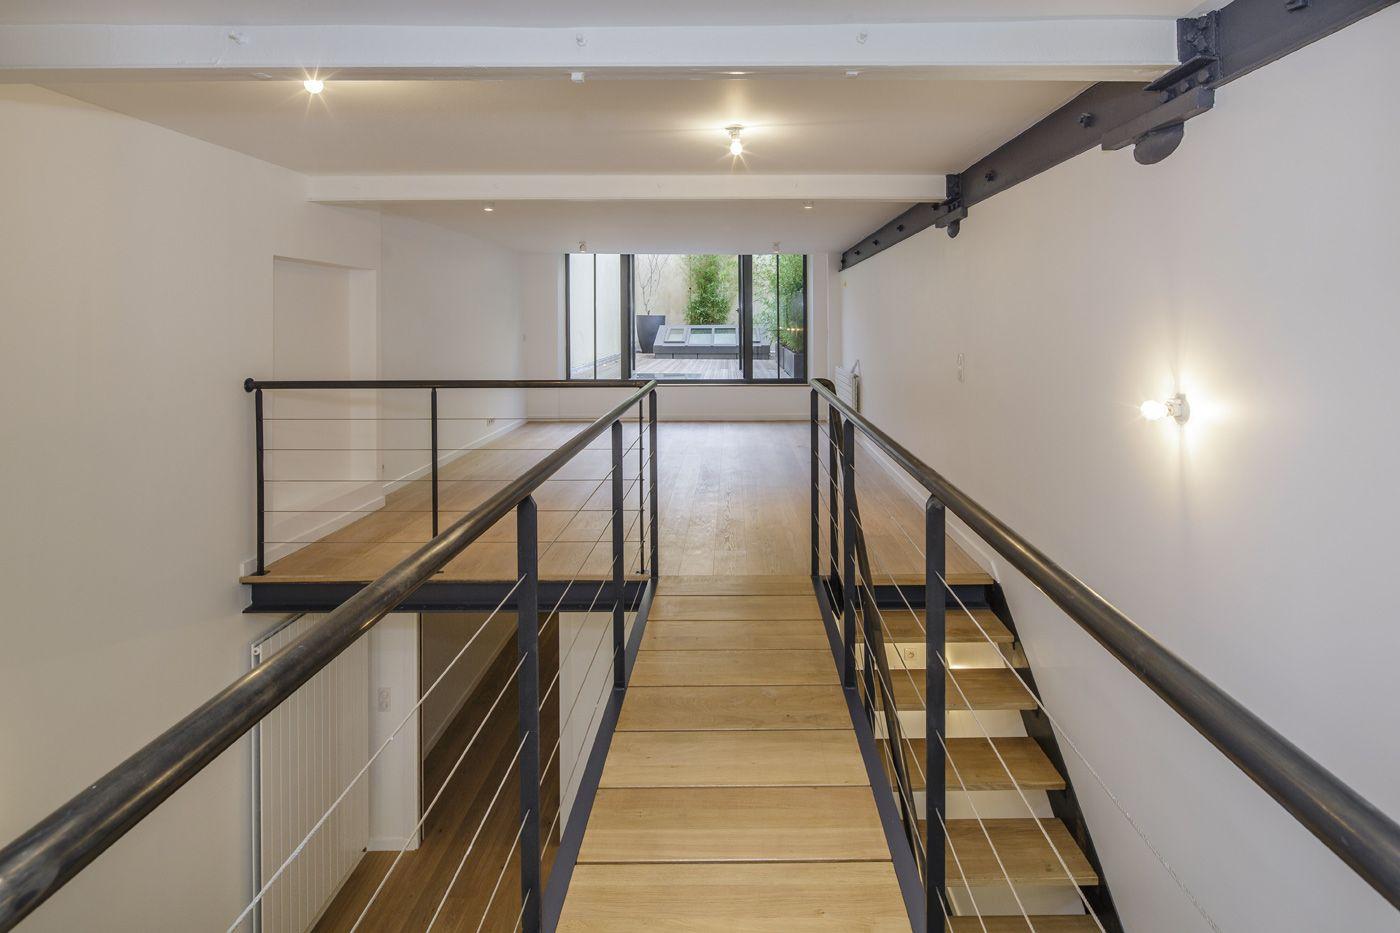 Maison Avec Passerelle Intérieure les 70 meilleures images de passerelle intérieure | maison